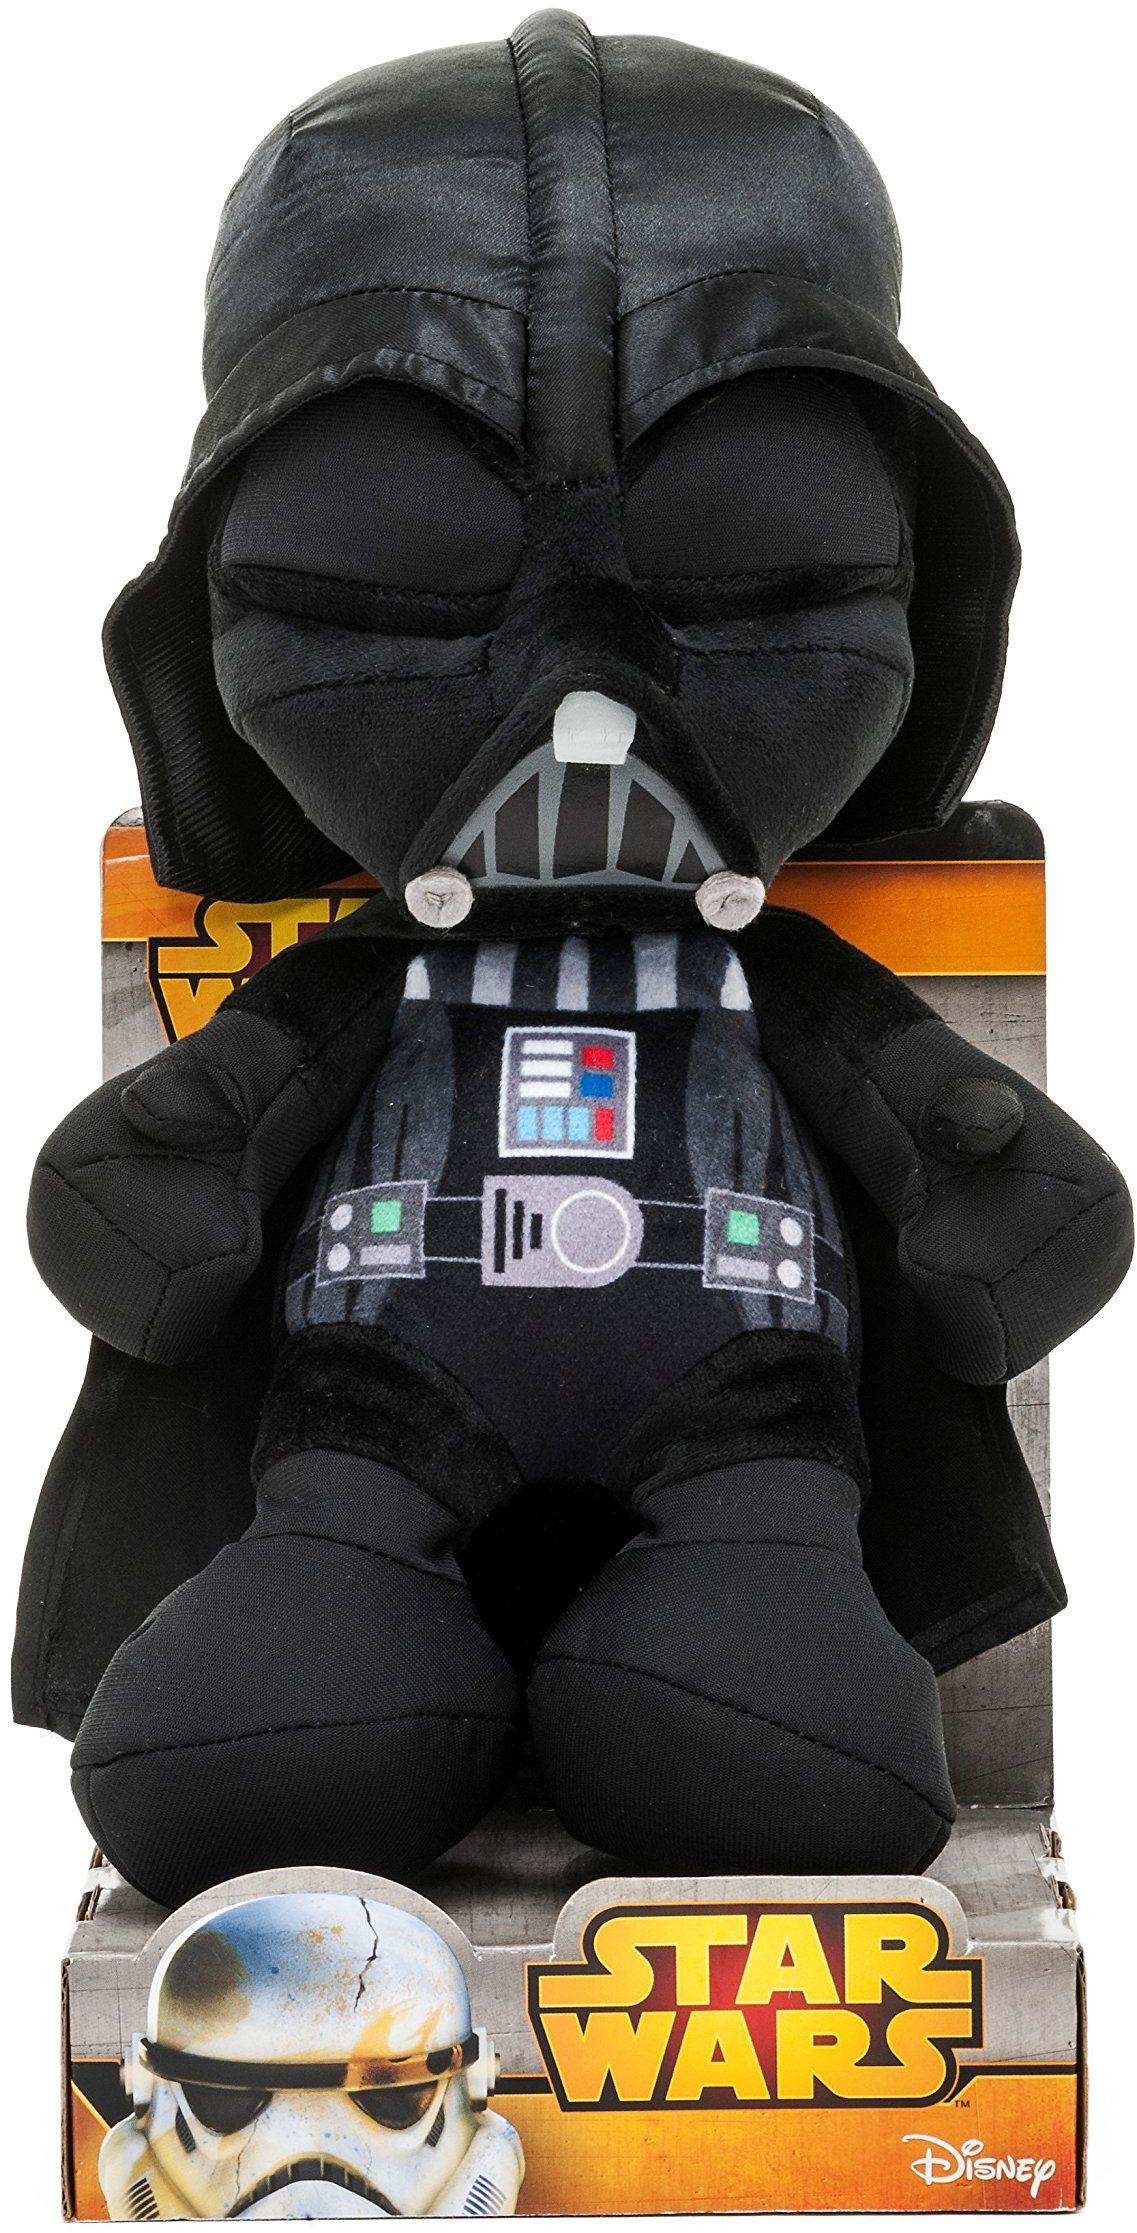 Joy Toy 1400615 - Darth Vader Velboa aksamitny plusz 25 cm w pudełku prezentowym